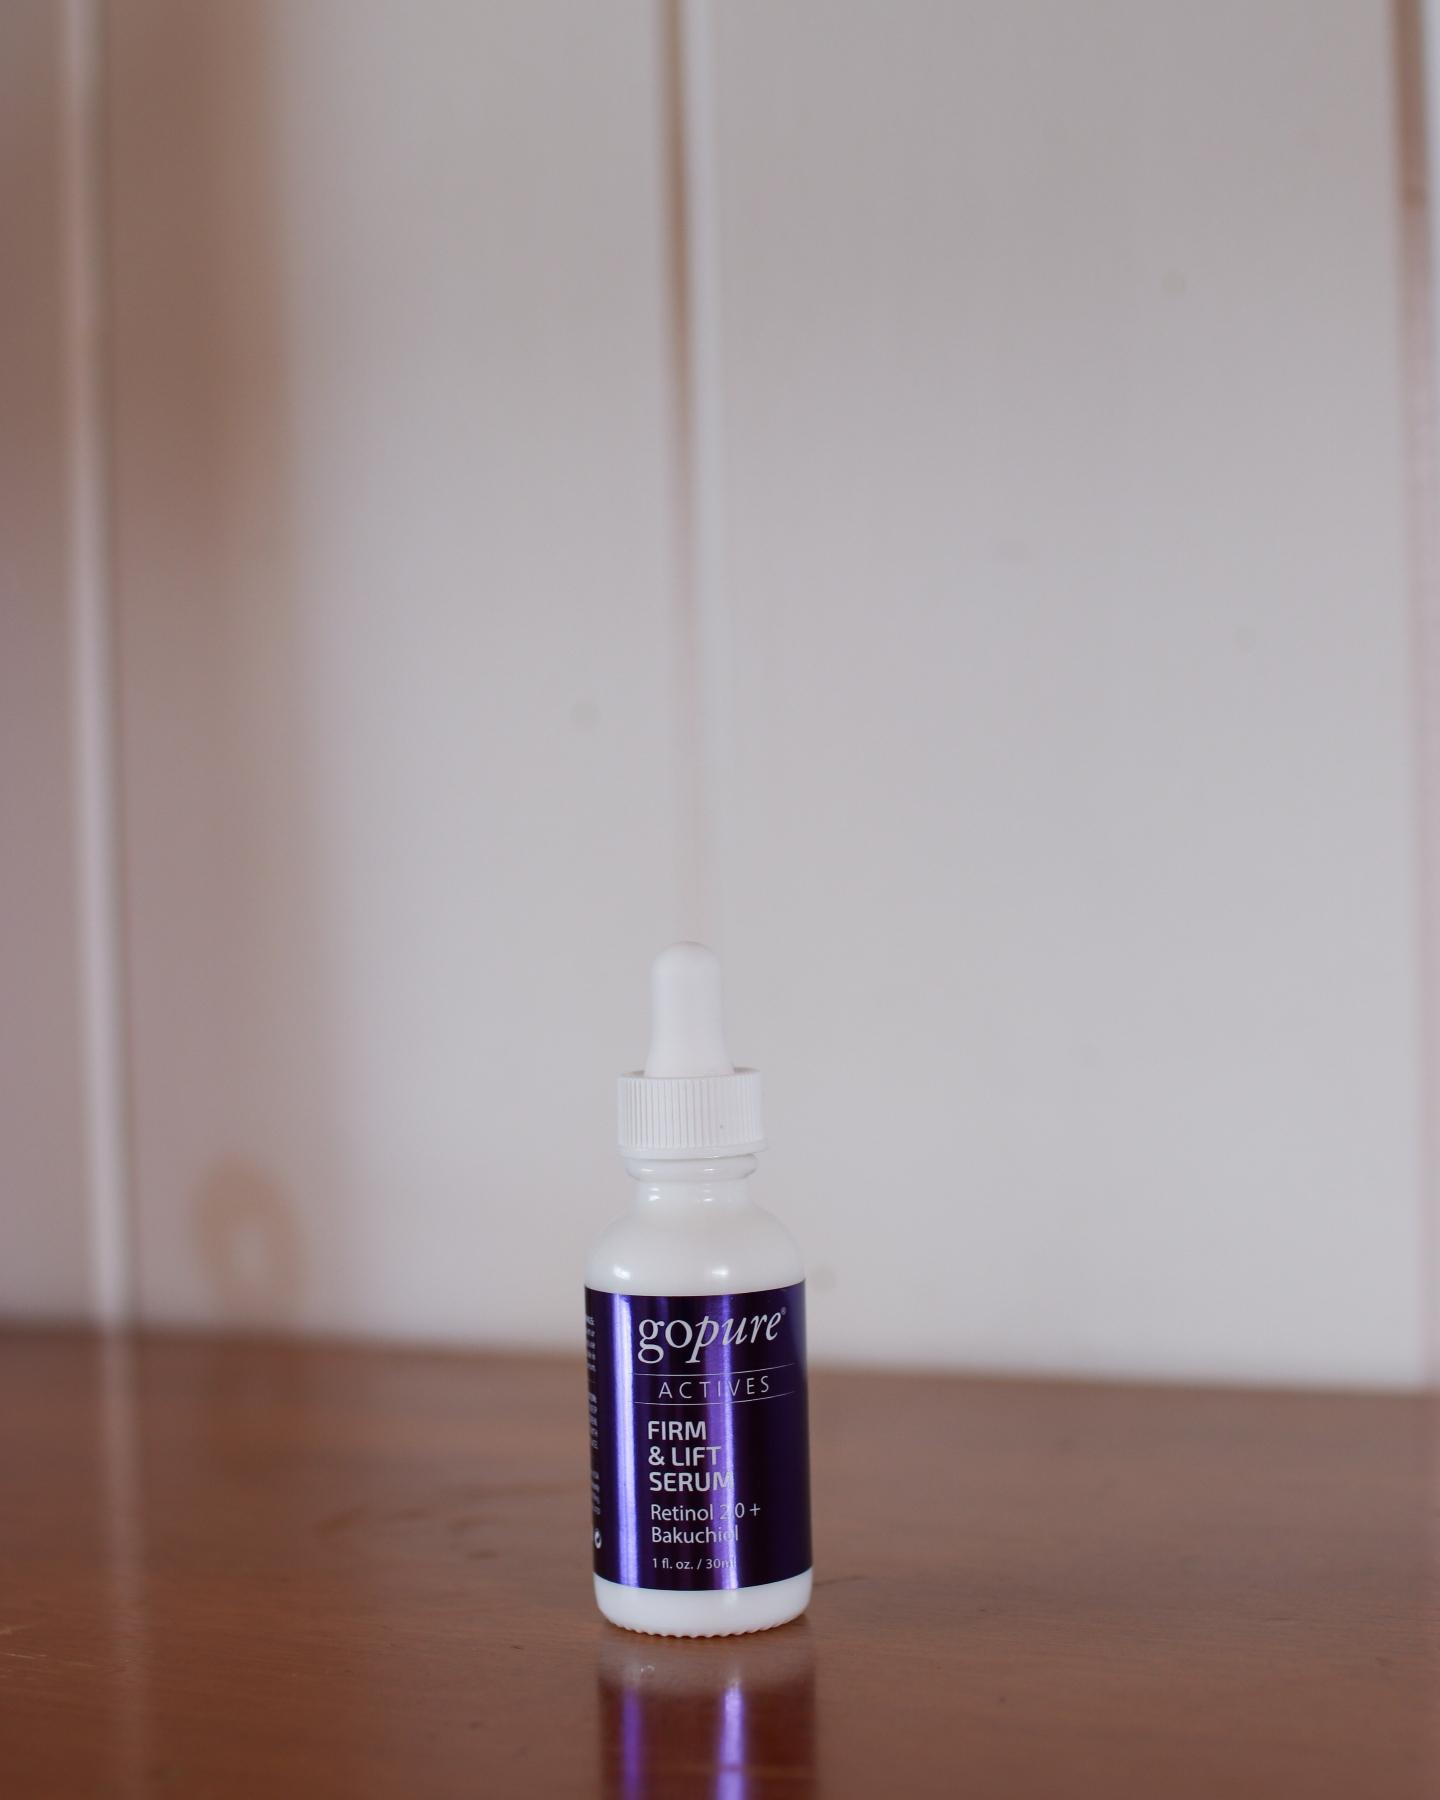 goPure Beauty Retinol Serum 2.0 + Bakuchiol